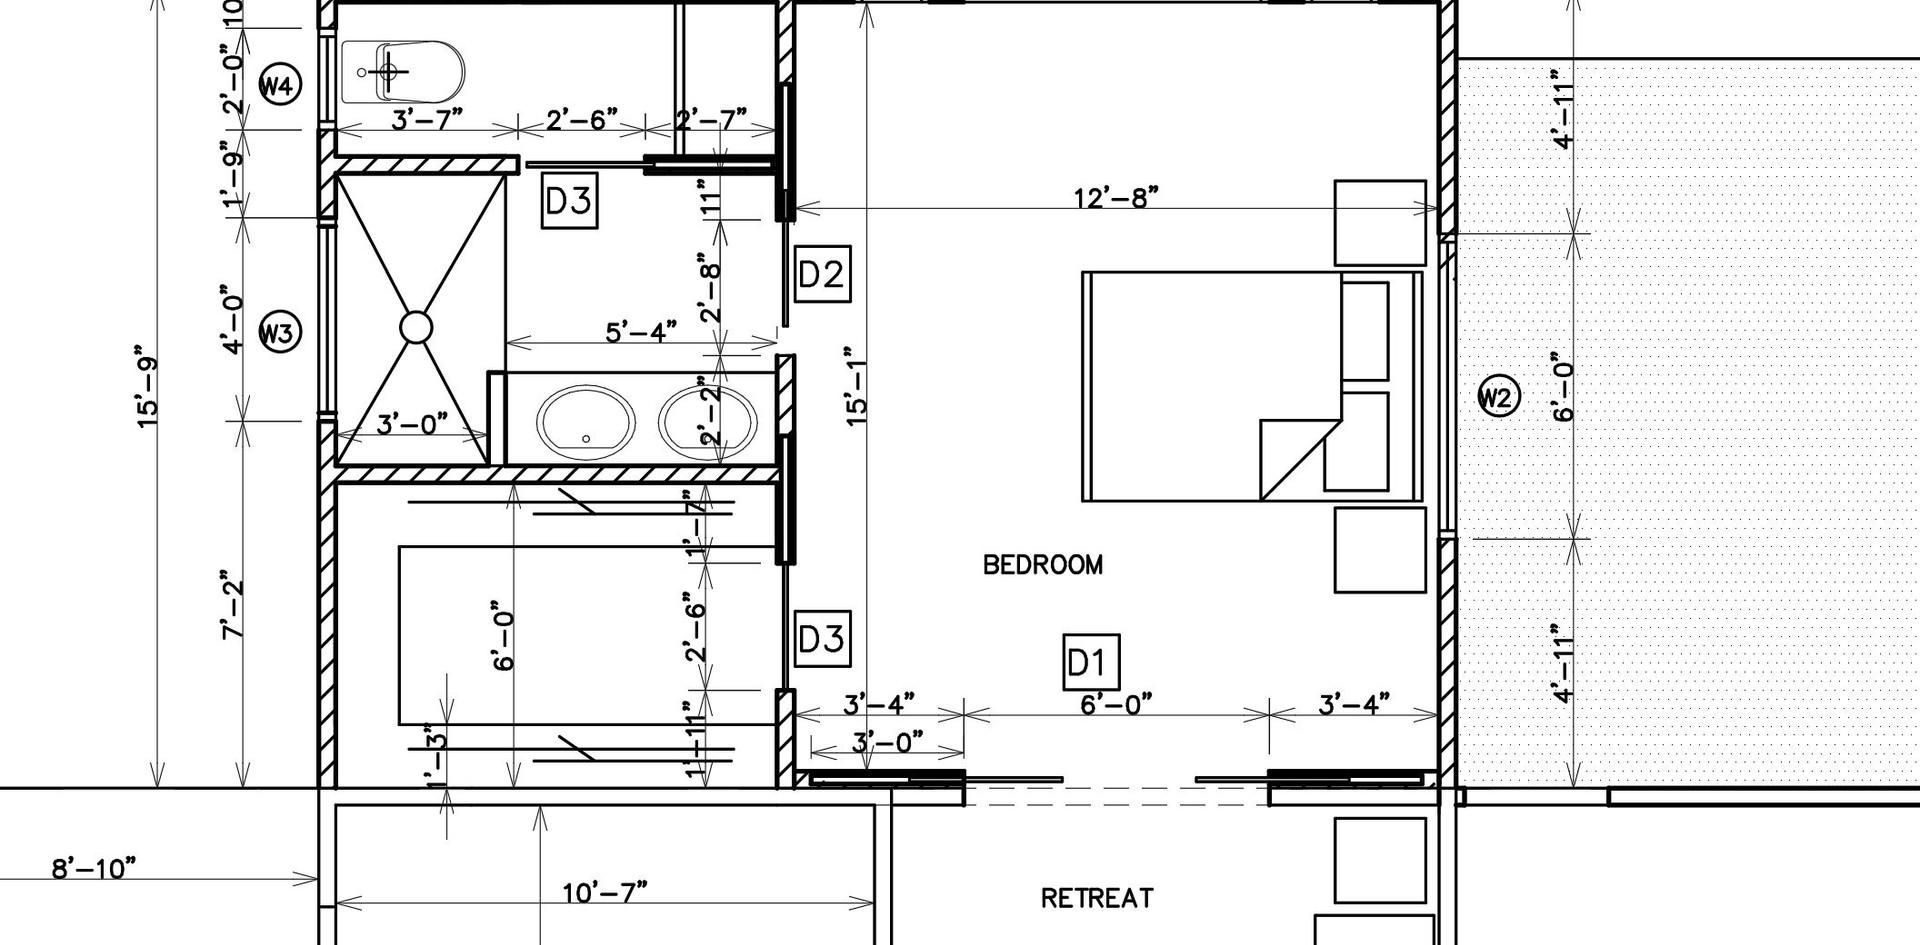 floor plan addition rummy dechner.JPG